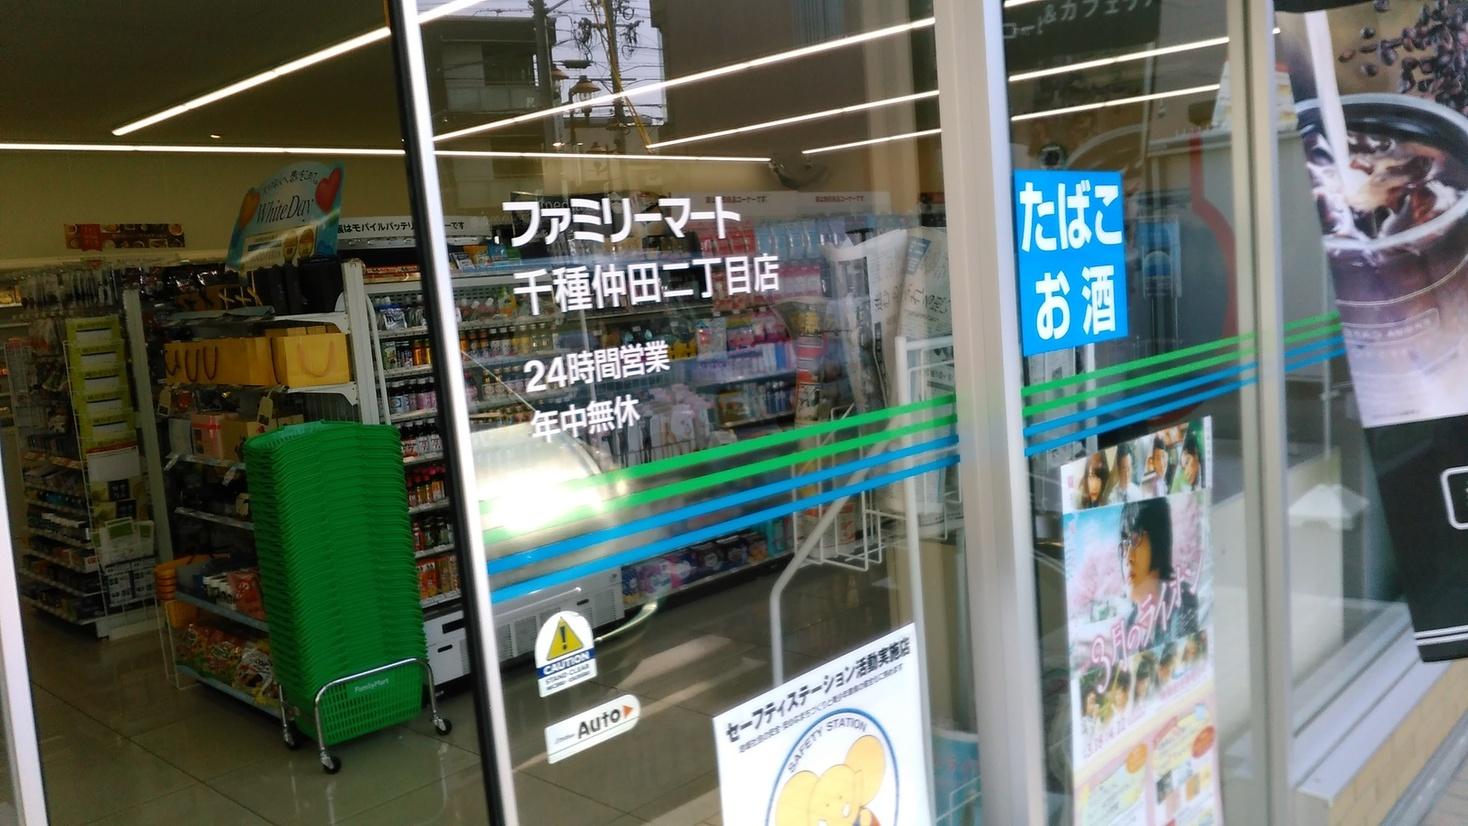 ファミリーマート 千種仲田二丁目店